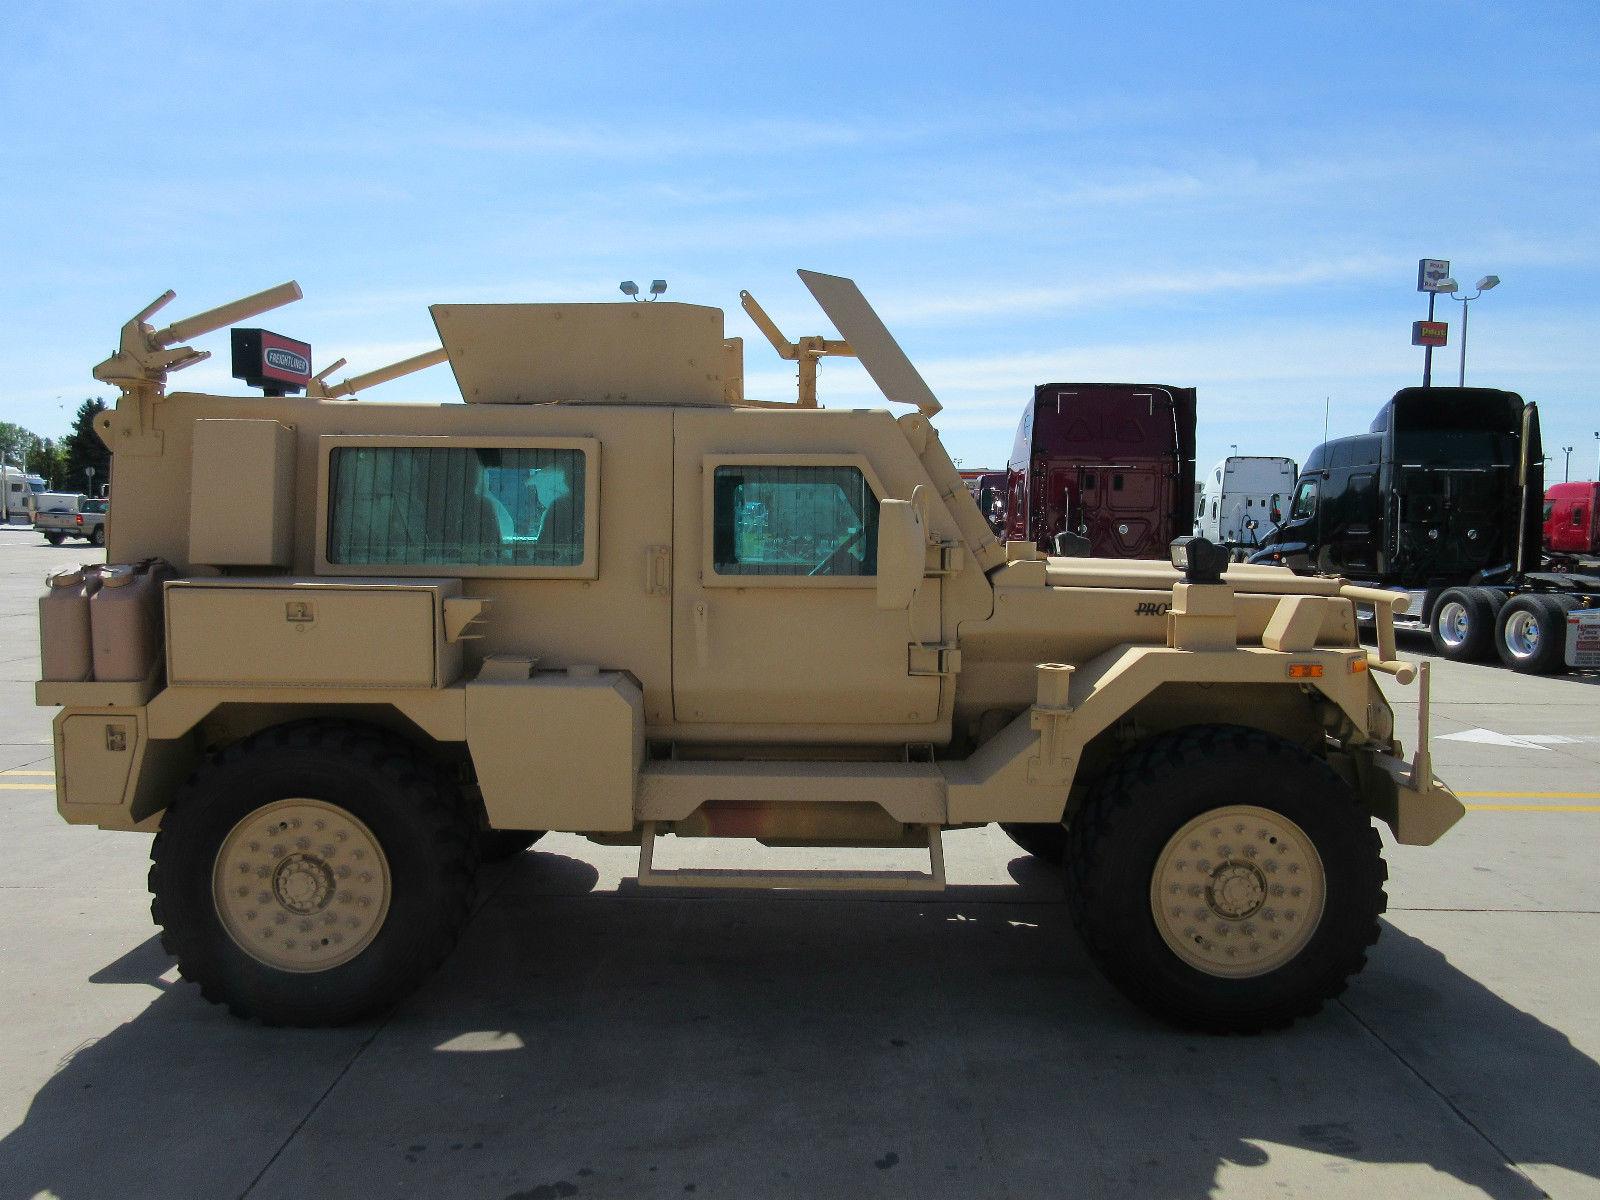 armoredmilitaryvehicleusedinironman3isonebay